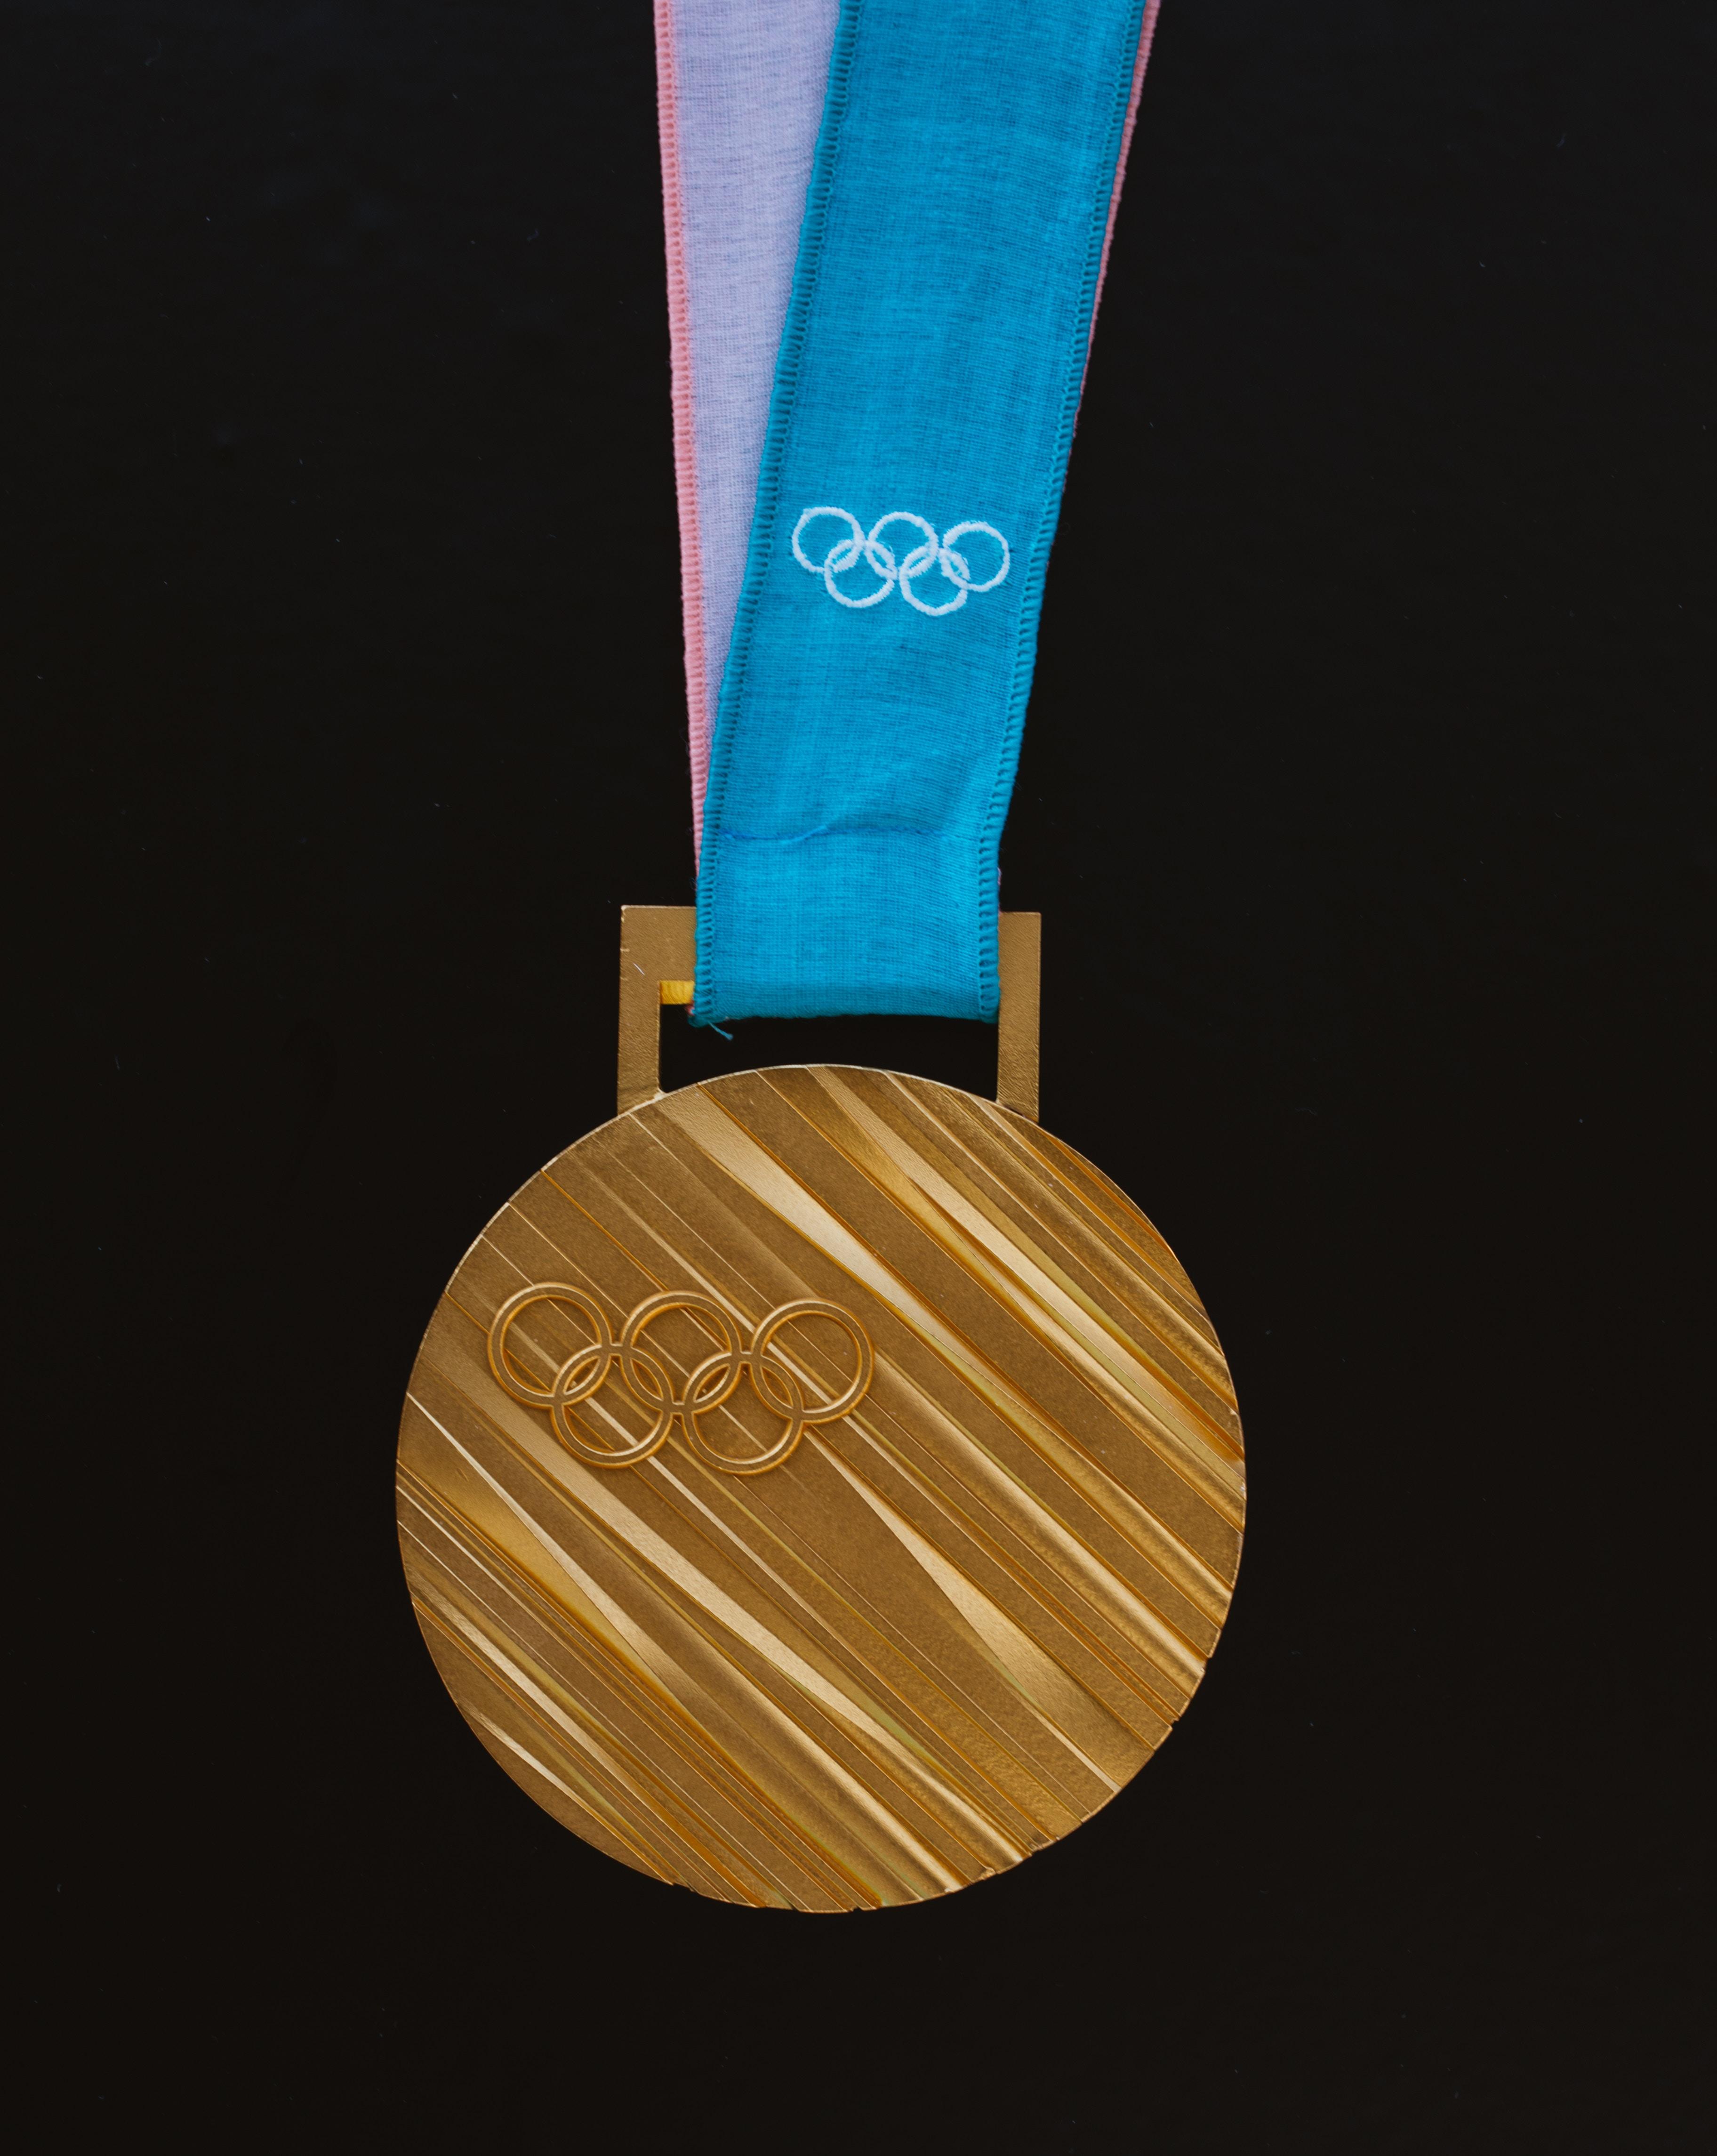 Det er altid sjovt at vinde medaljer